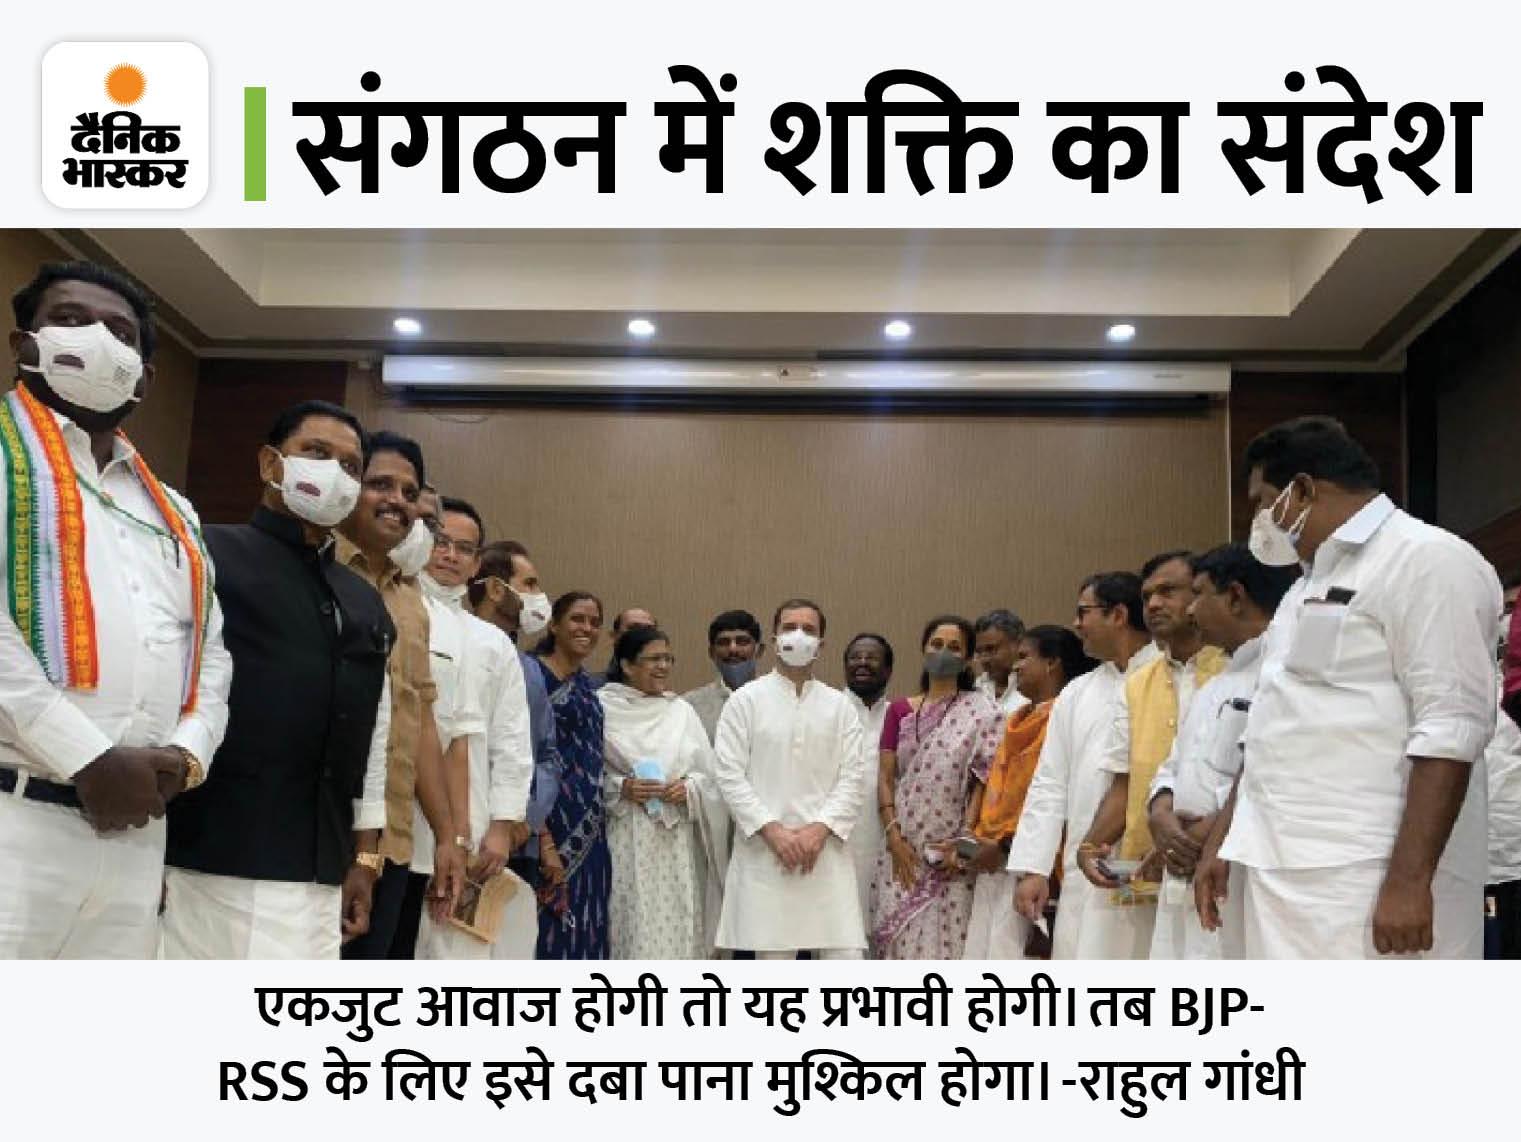 कॉन्स्टिट्यूशन क्लब में 14 विपक्षी दलों से मिले, मीटिंग के बाद साइकिल से संसद पहुंचे कांग्रेस नेता देश,National - Dainik Bhaskar